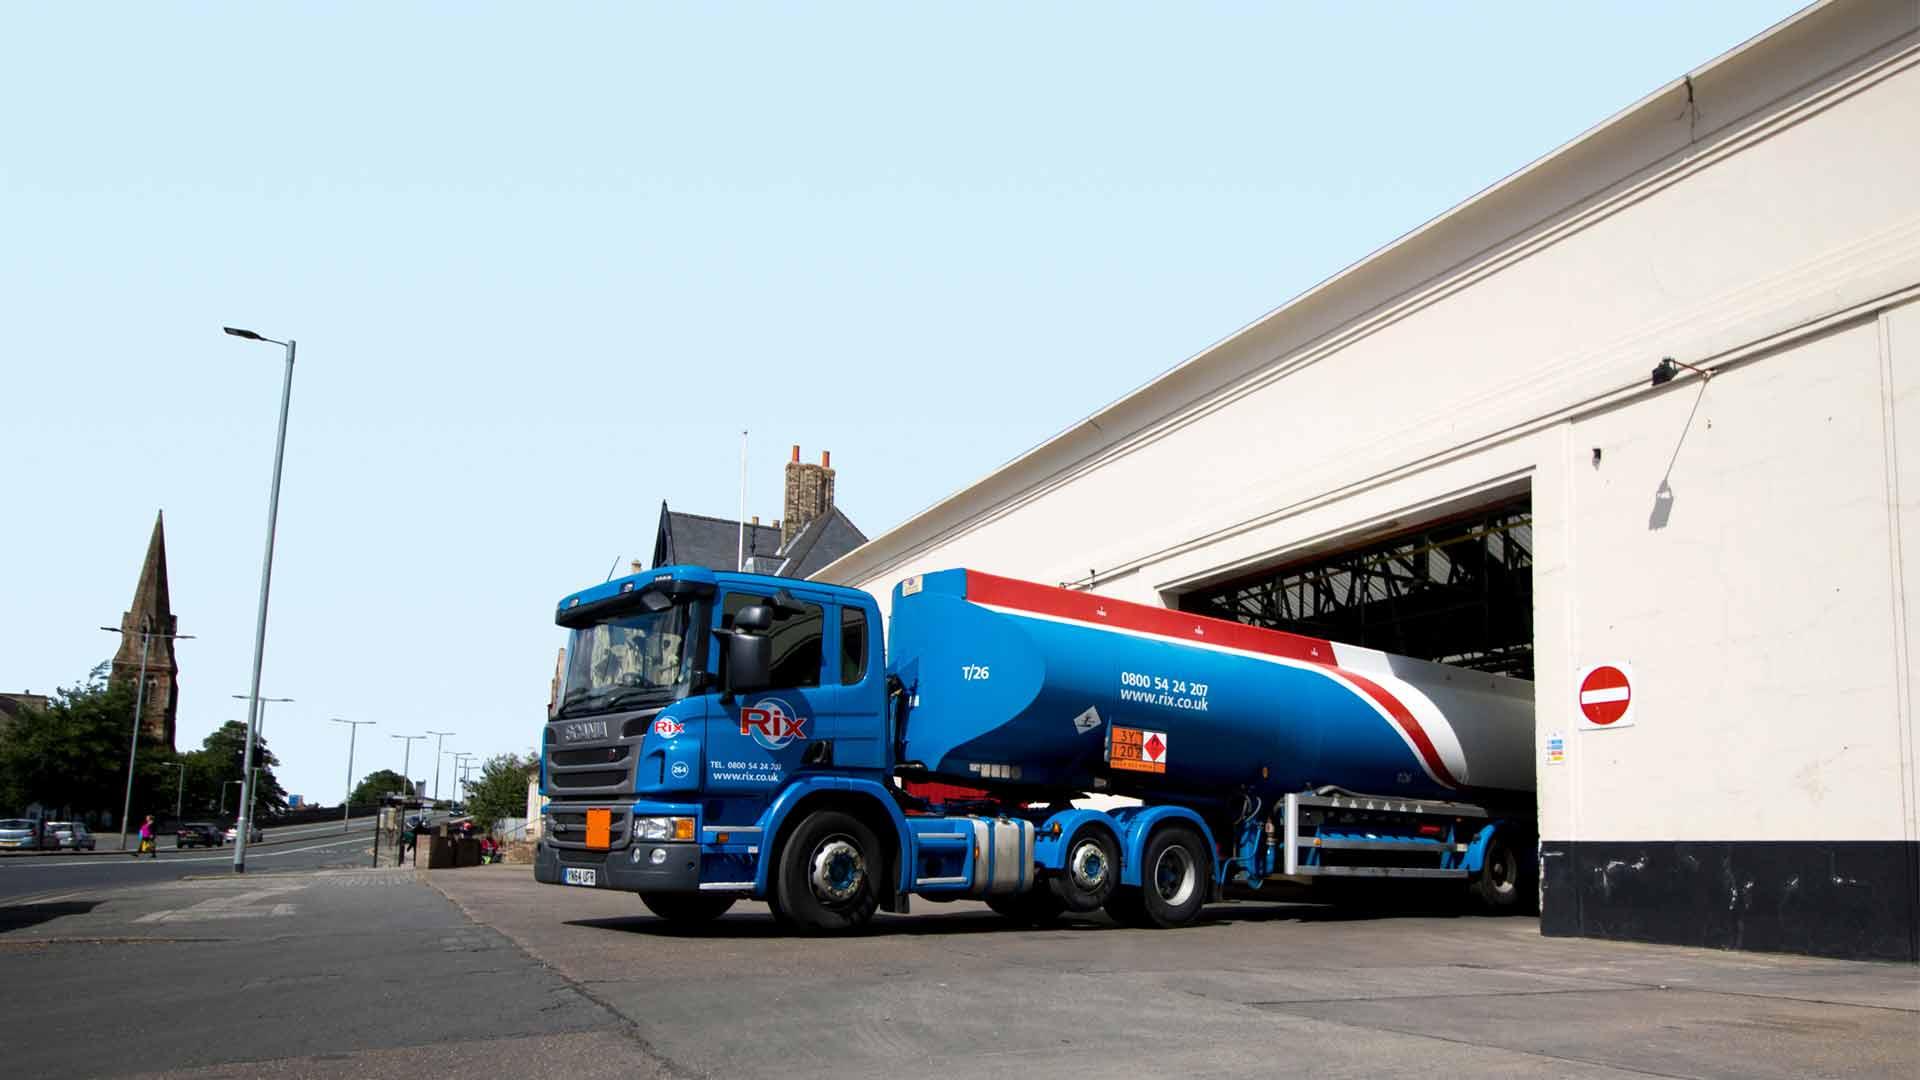 Forward Purchasing Bulk Fuel in Rix Lorry